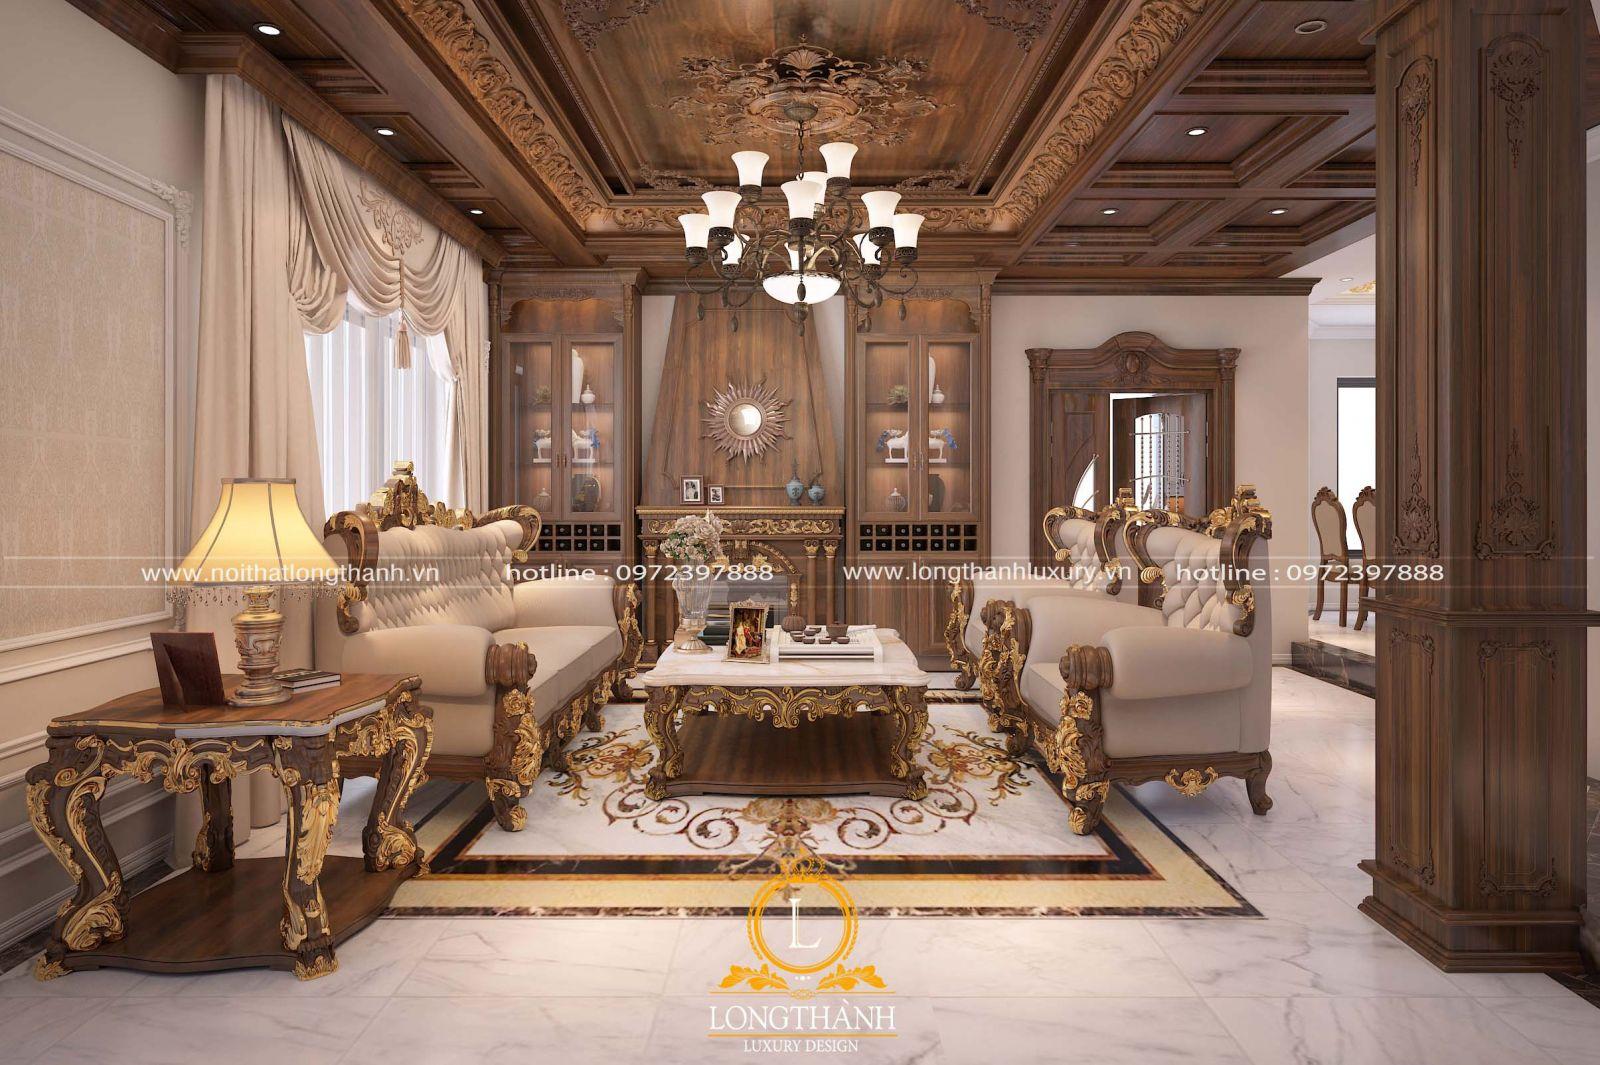 Thiết kế phòng khách biệt thự theo lối tân cổ điển sang trọng đẳng cấp